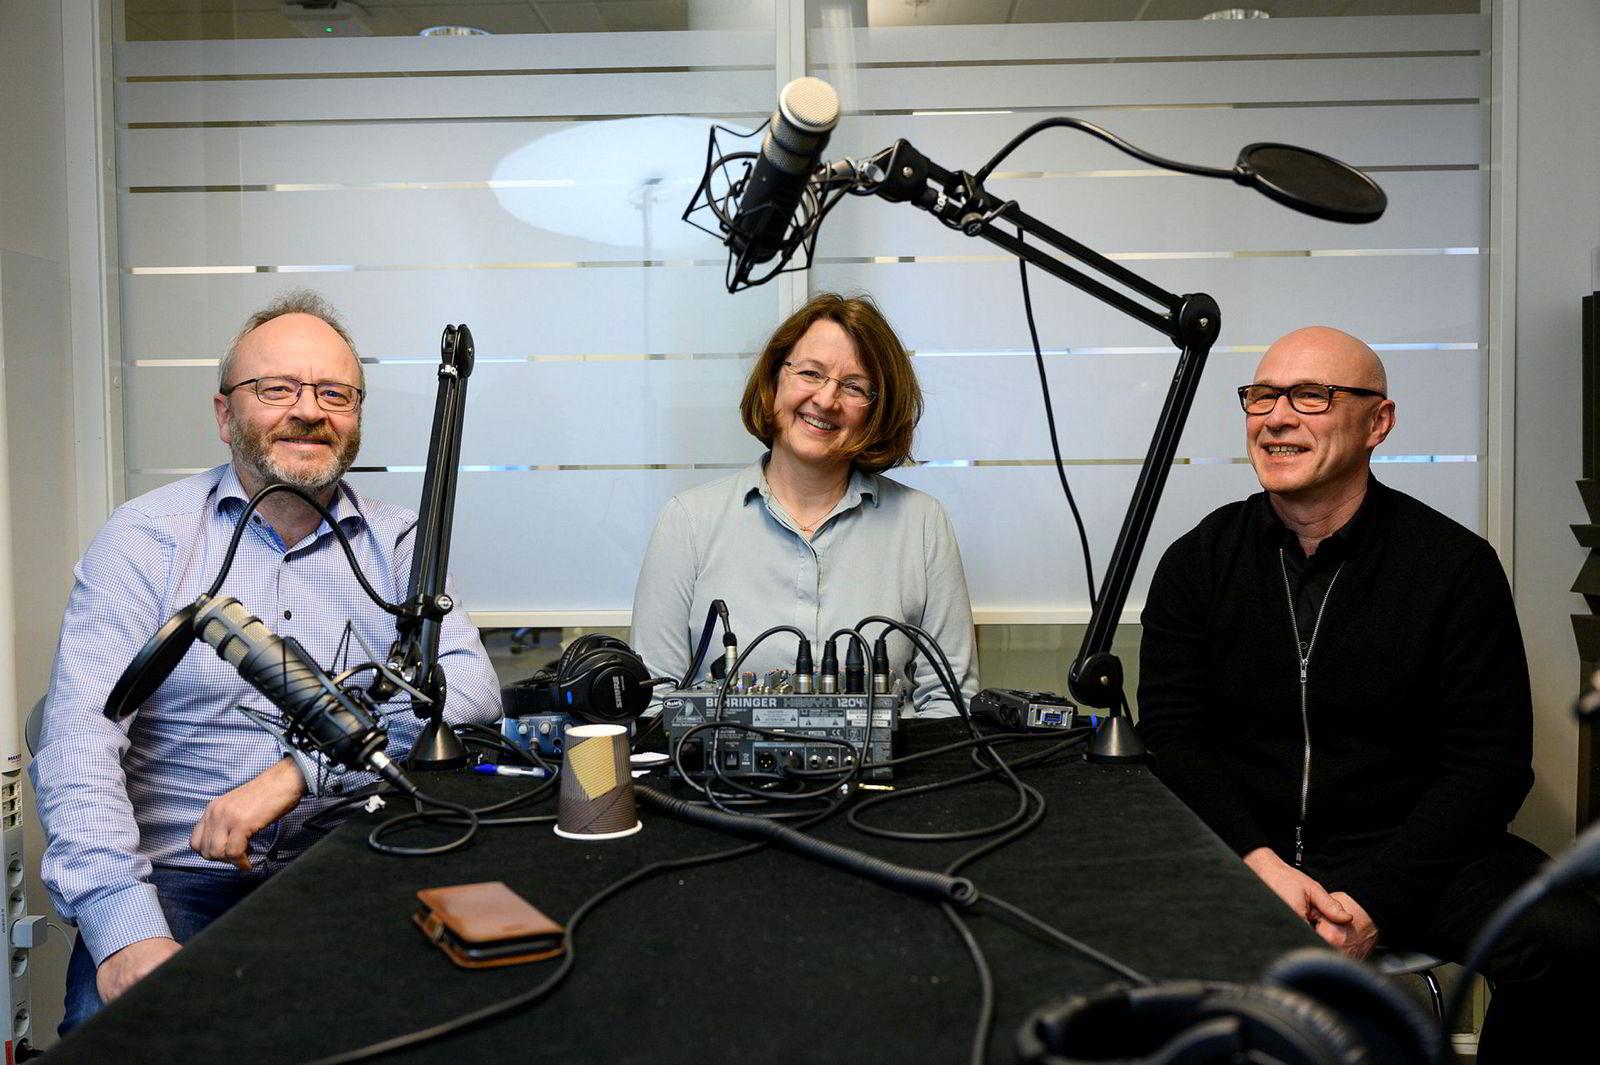 Resistente aksjer og uberørte markeder er tema for Thor Chr. Jensen, Ida Grieg Riisnæs og Terje Erikstad i siste episode av Finansredaksjonen.